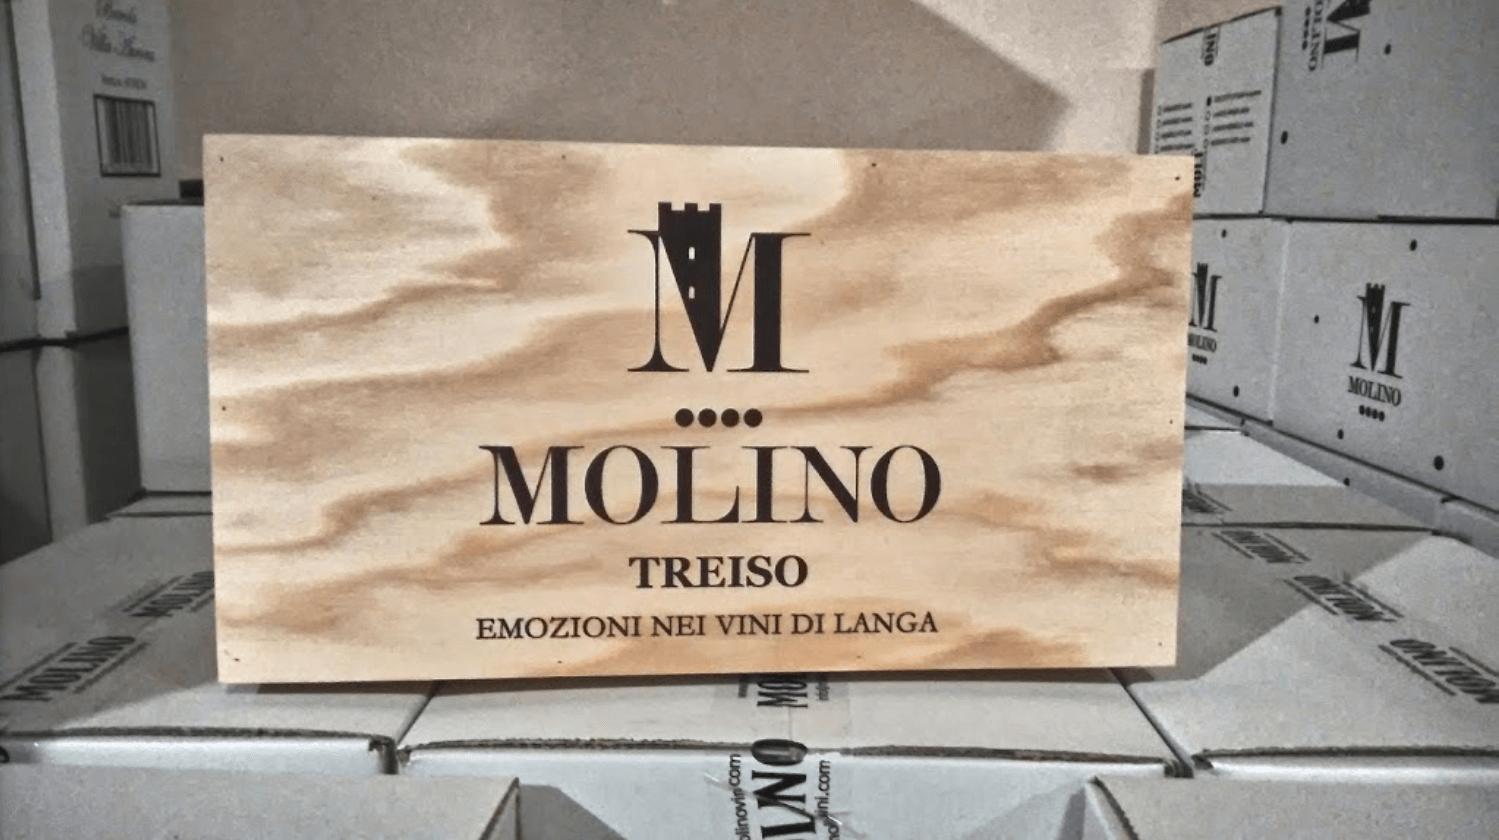 Una cassetta di legno contenente vino Molinoi